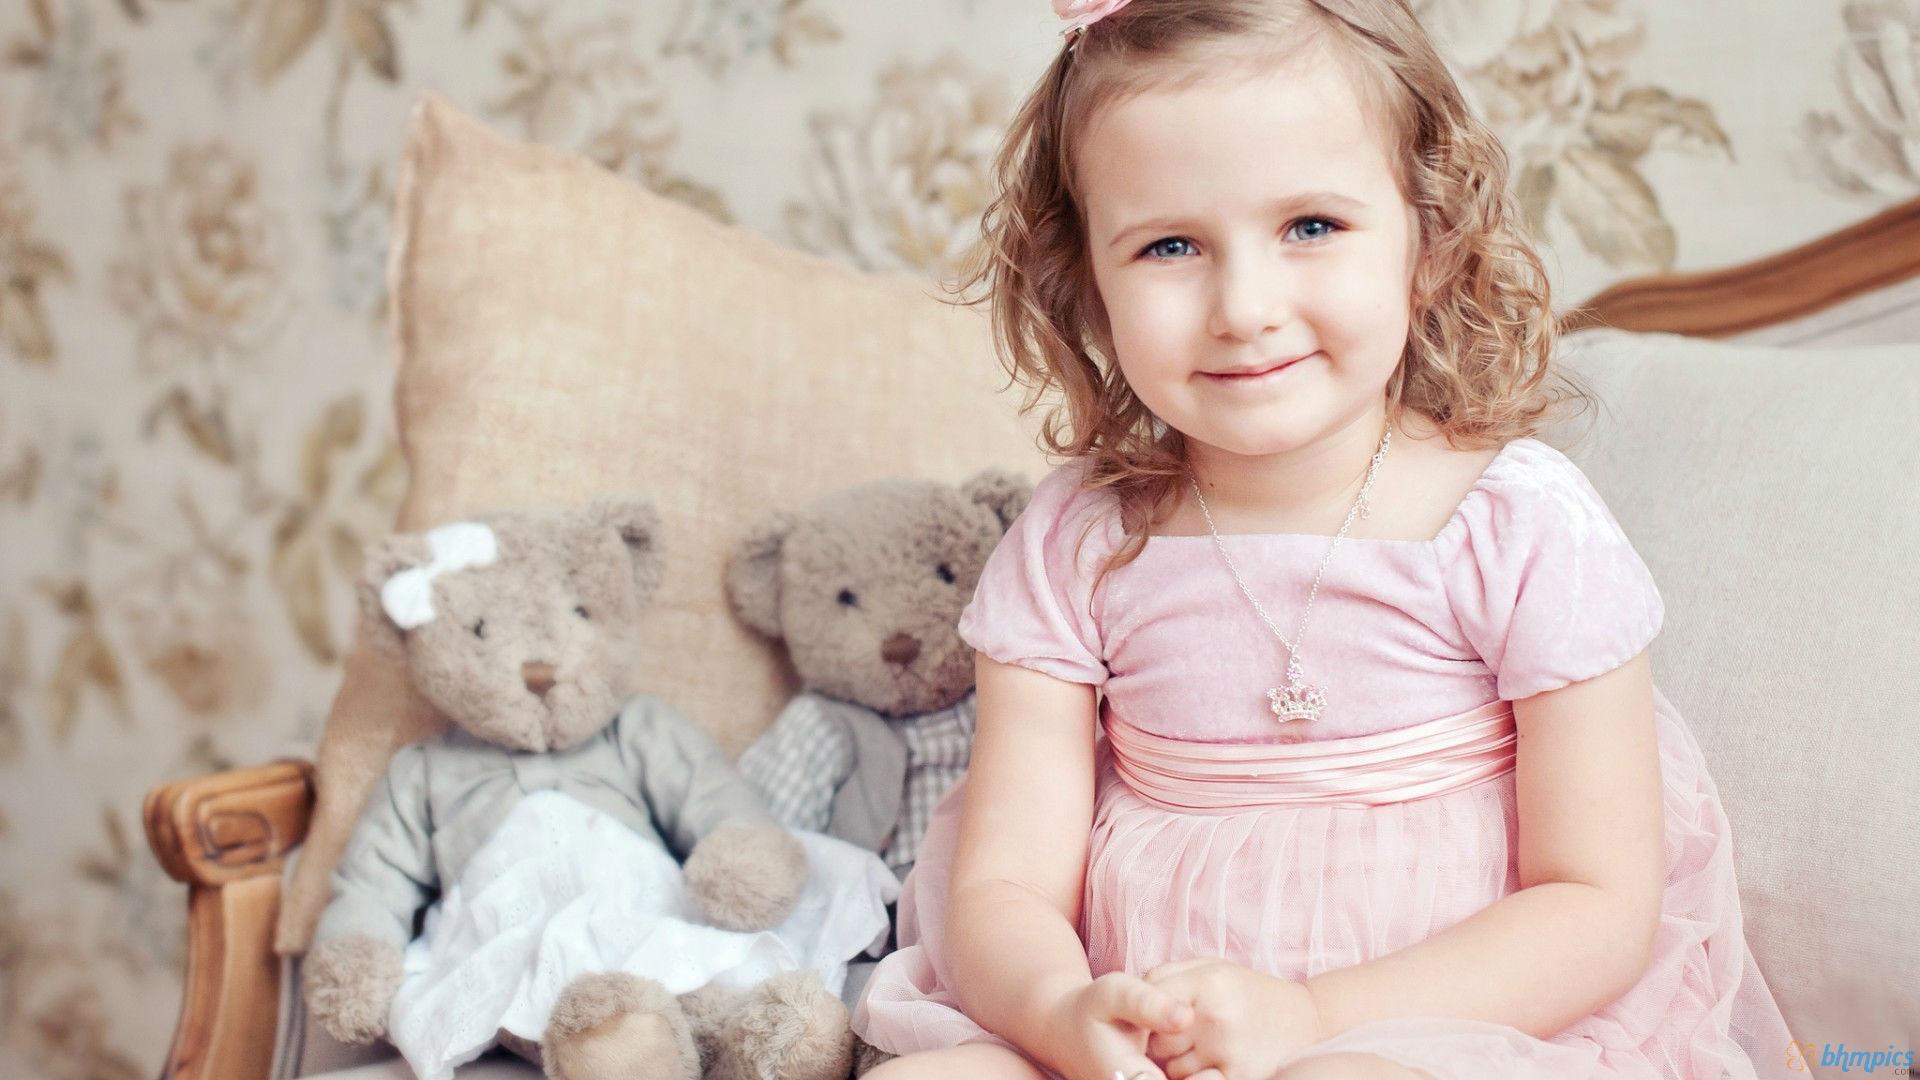 بالصور صور اطفال جديده , اطفال تهبل ربنا يرزق الجميع مثلهم 3655 8